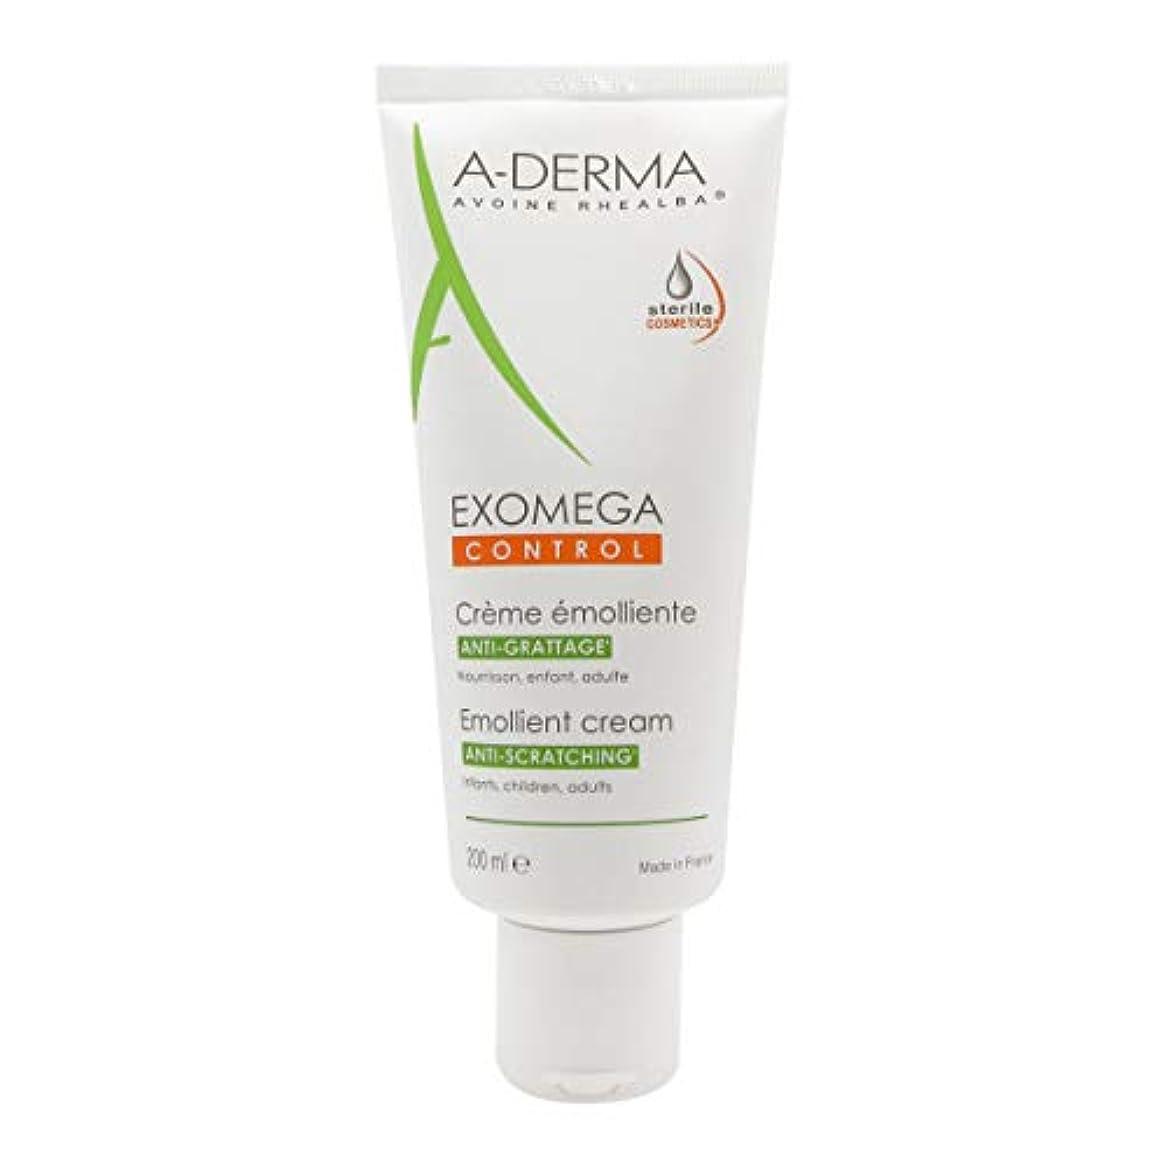 上げる通訳お金A-derma Exomega Control Emollient Cream 200ml [並行輸入品]